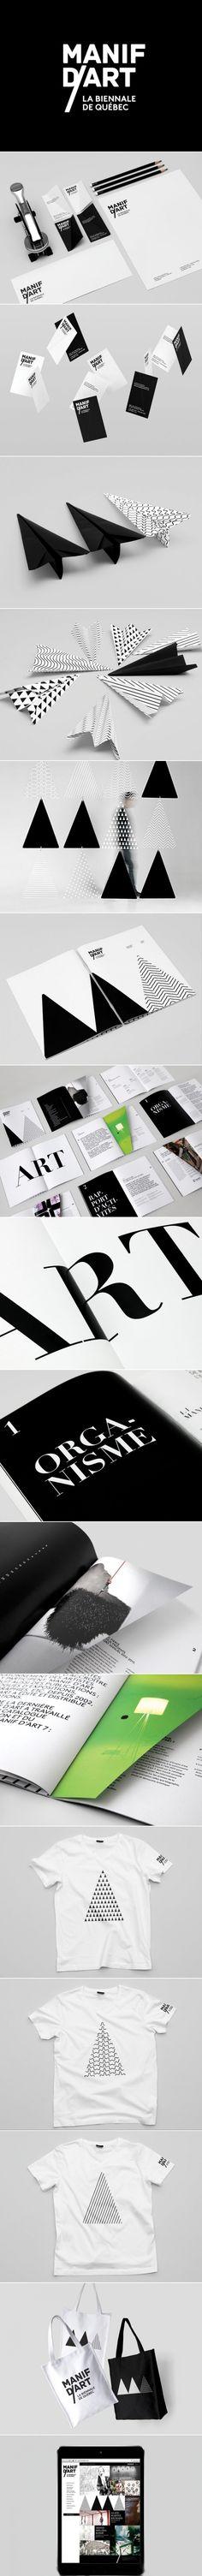 Manif d'Art  Branding